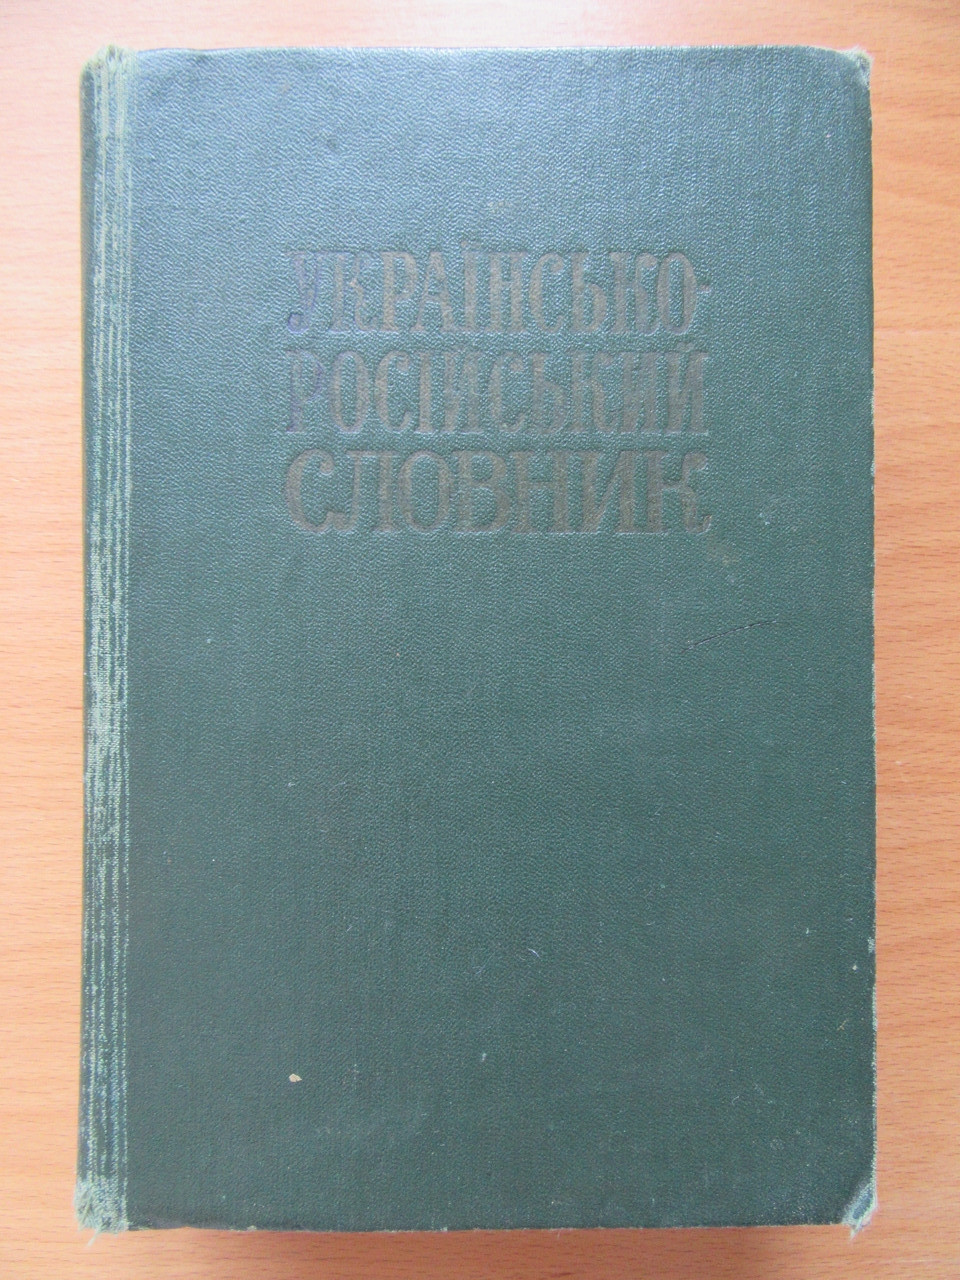 Украинско-русский словарь. Издание 4-е. 1977г